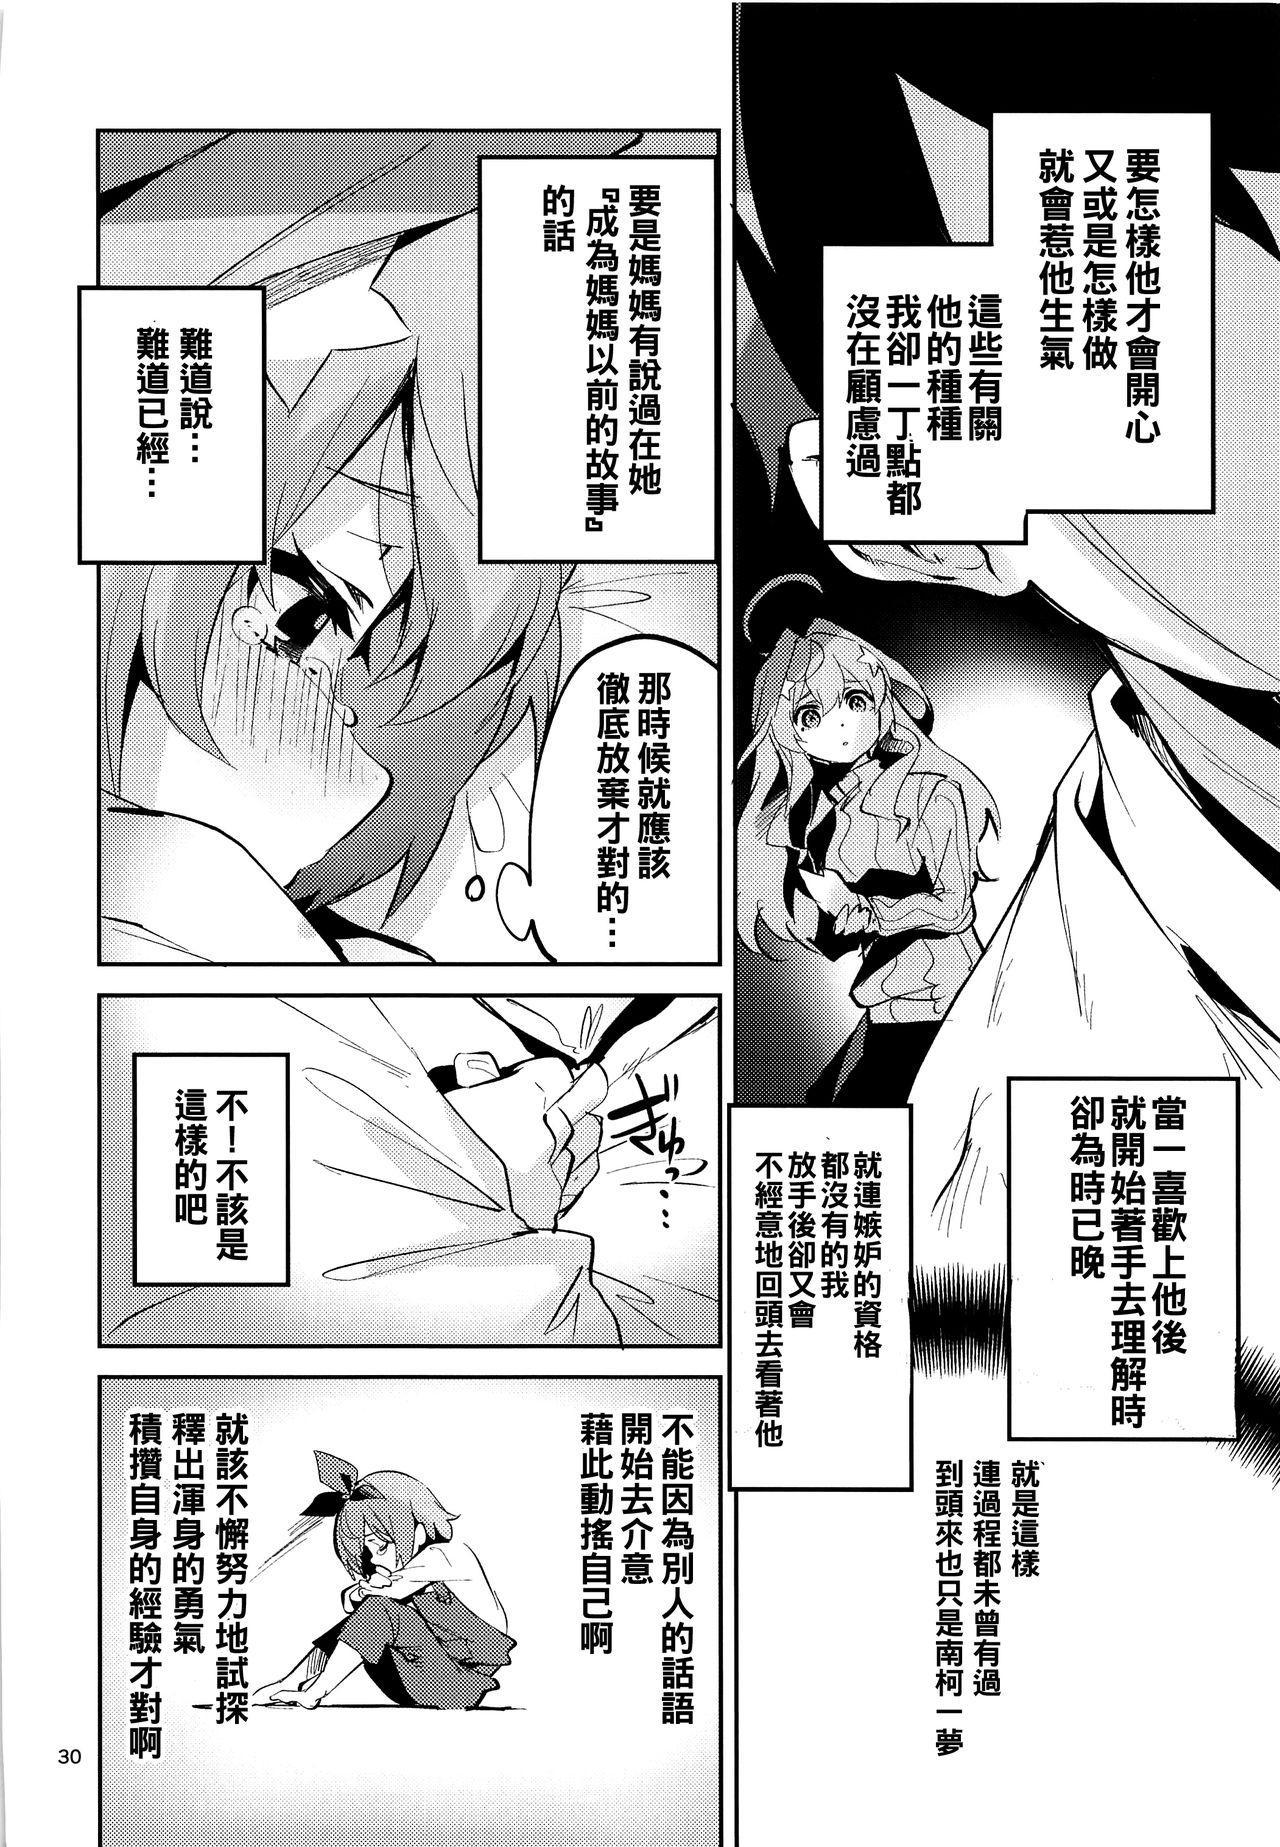 Itsuki no Baai 29